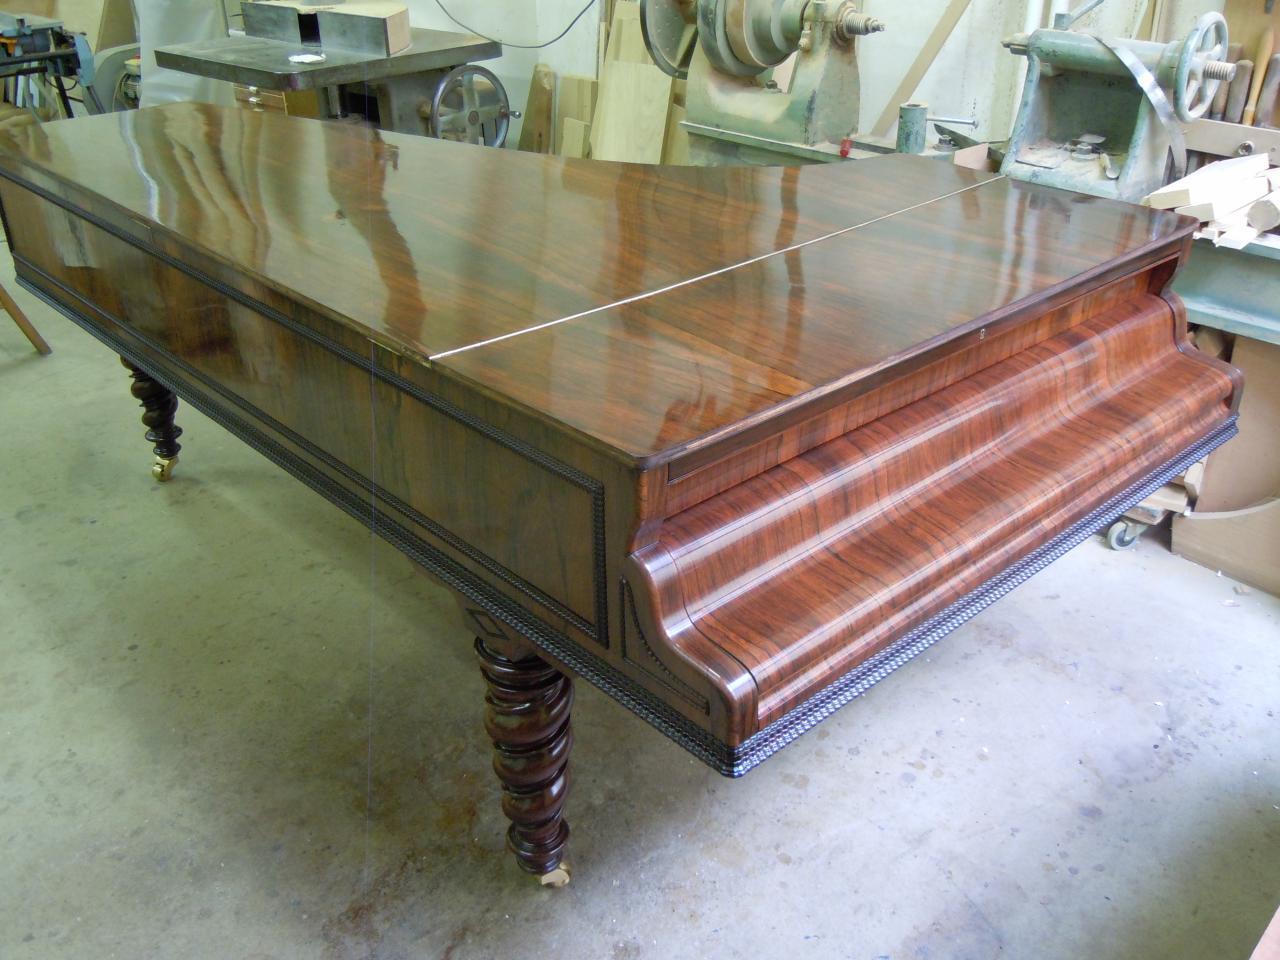 Meubles en bois plaqu s for Restauration de meubles en bois